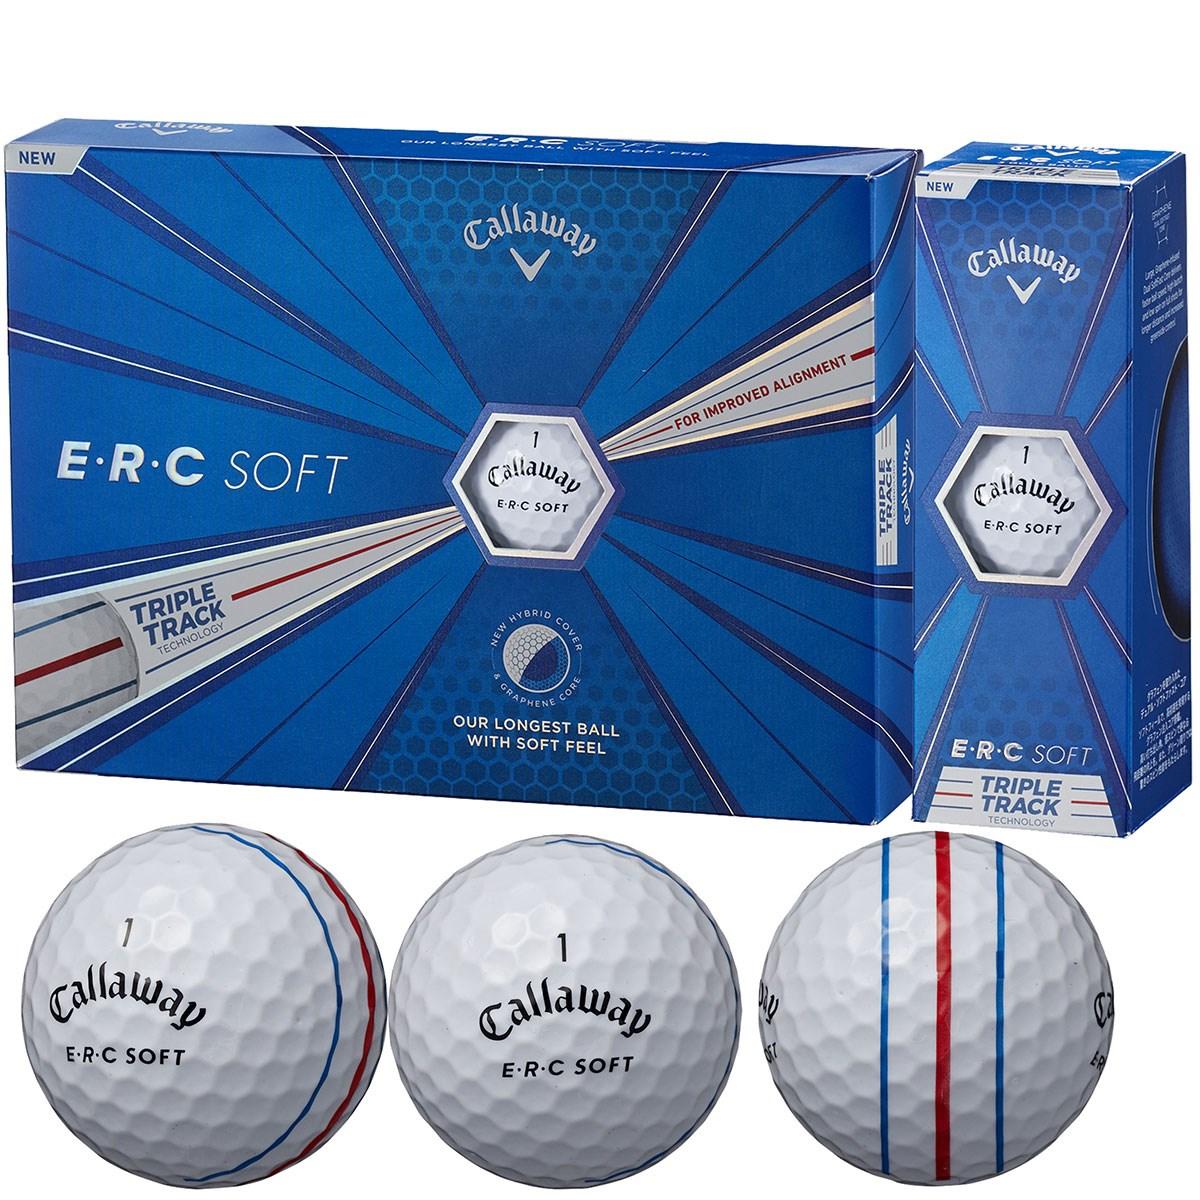 キャロウェイゴルフ E・R・C ERC SOFT 19 TRIPLE TRACK ボール 5ダースセット 5ダース(60個入り) ホワイト